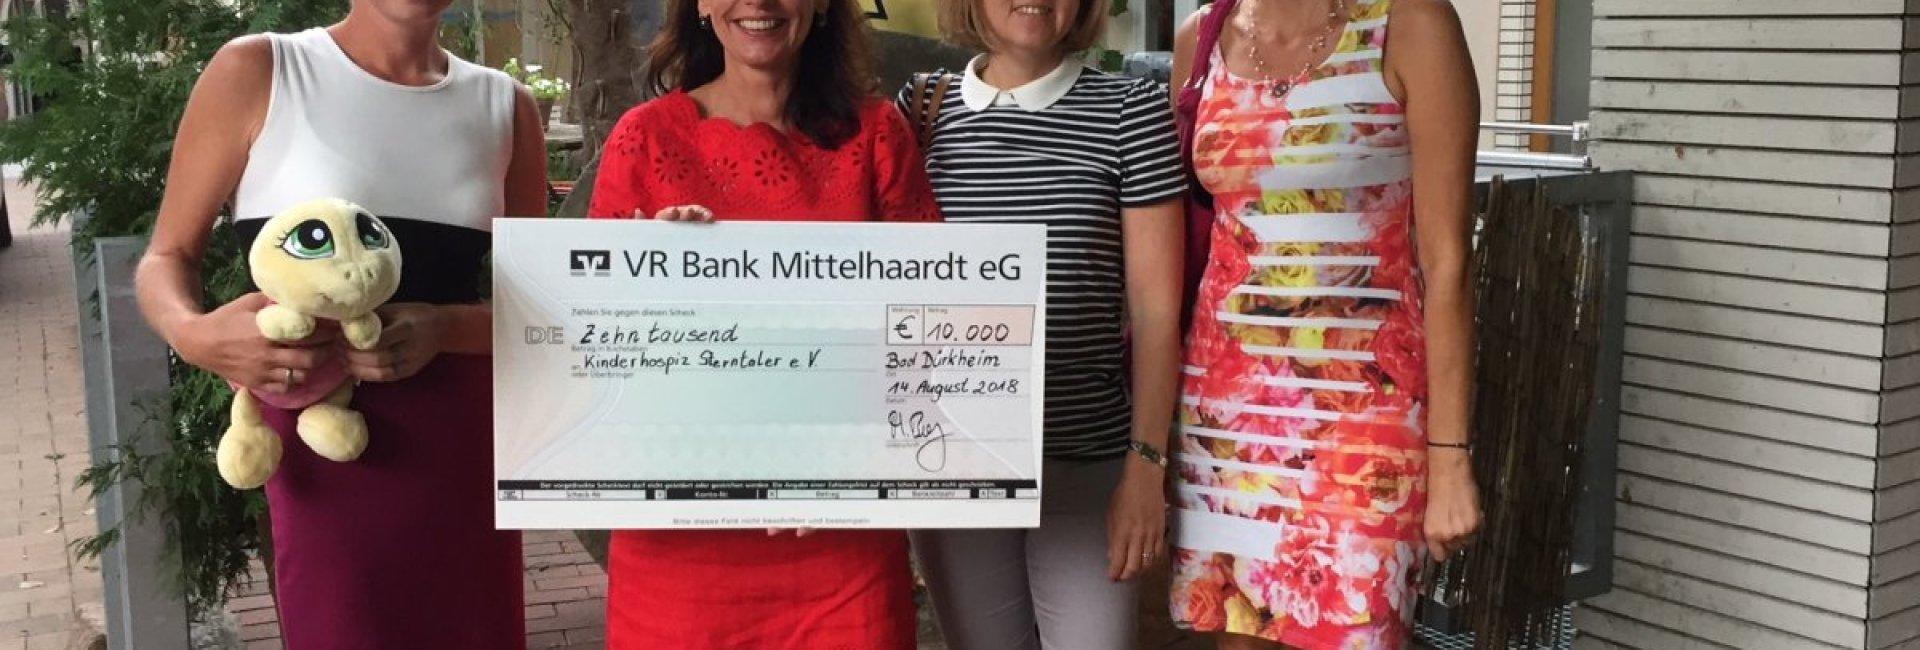 € 10.000 Spende für Kinderhospiz